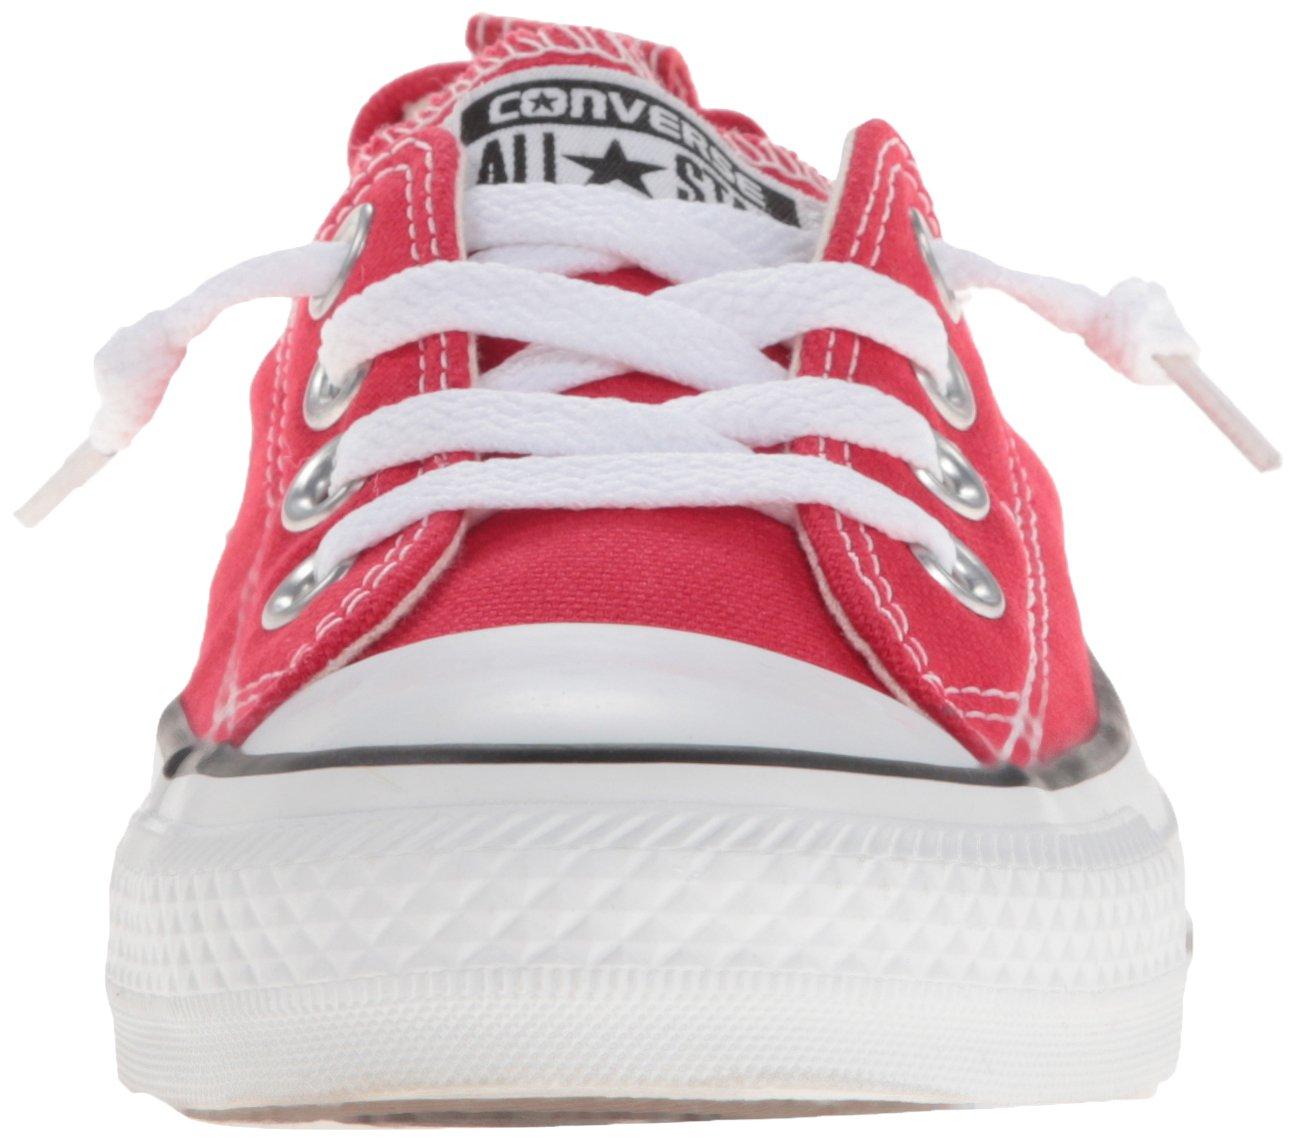 Converse Women's Shoreline Slip on Sneaker B01M2YXEGG 5 M US|Varsity Red